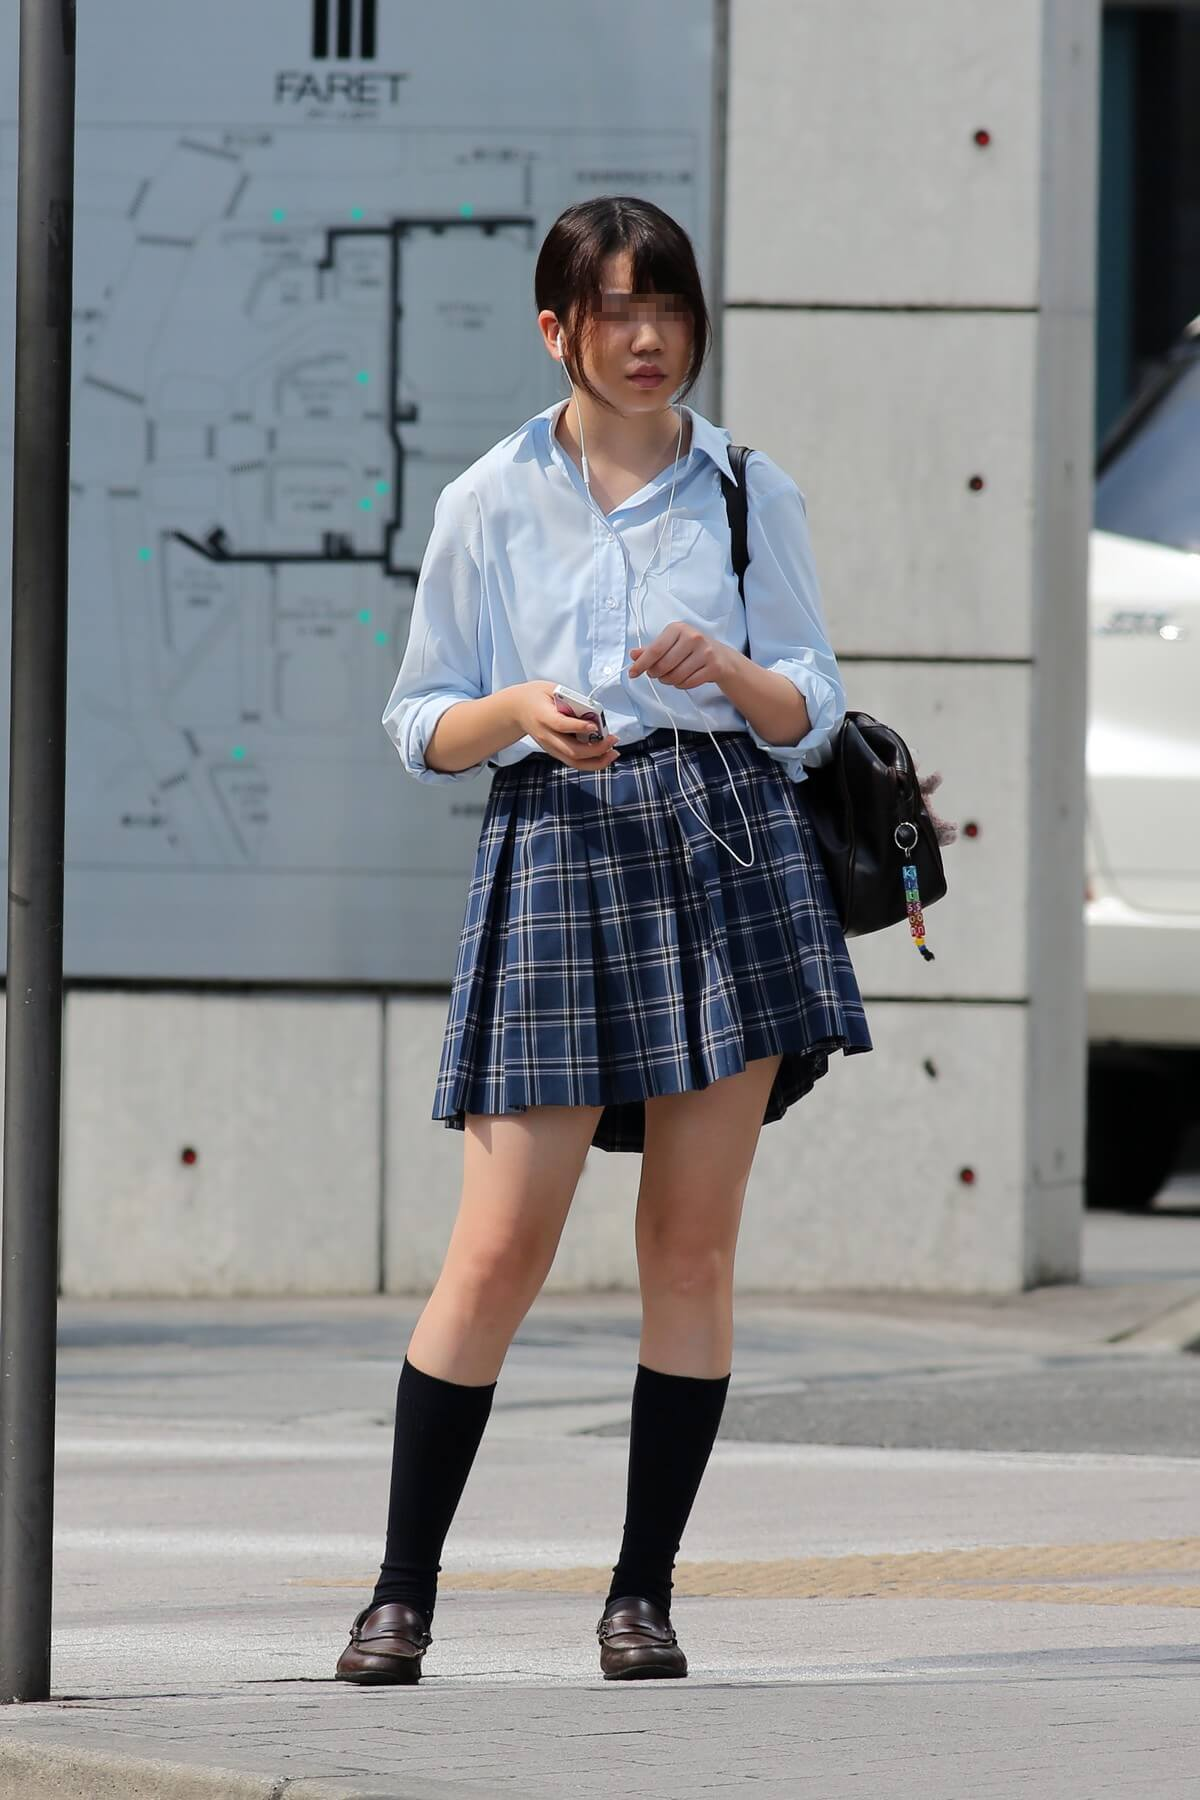 【画像】成人男性なら女子高生が居たらチラっと見てしまうだろう街撮り写真